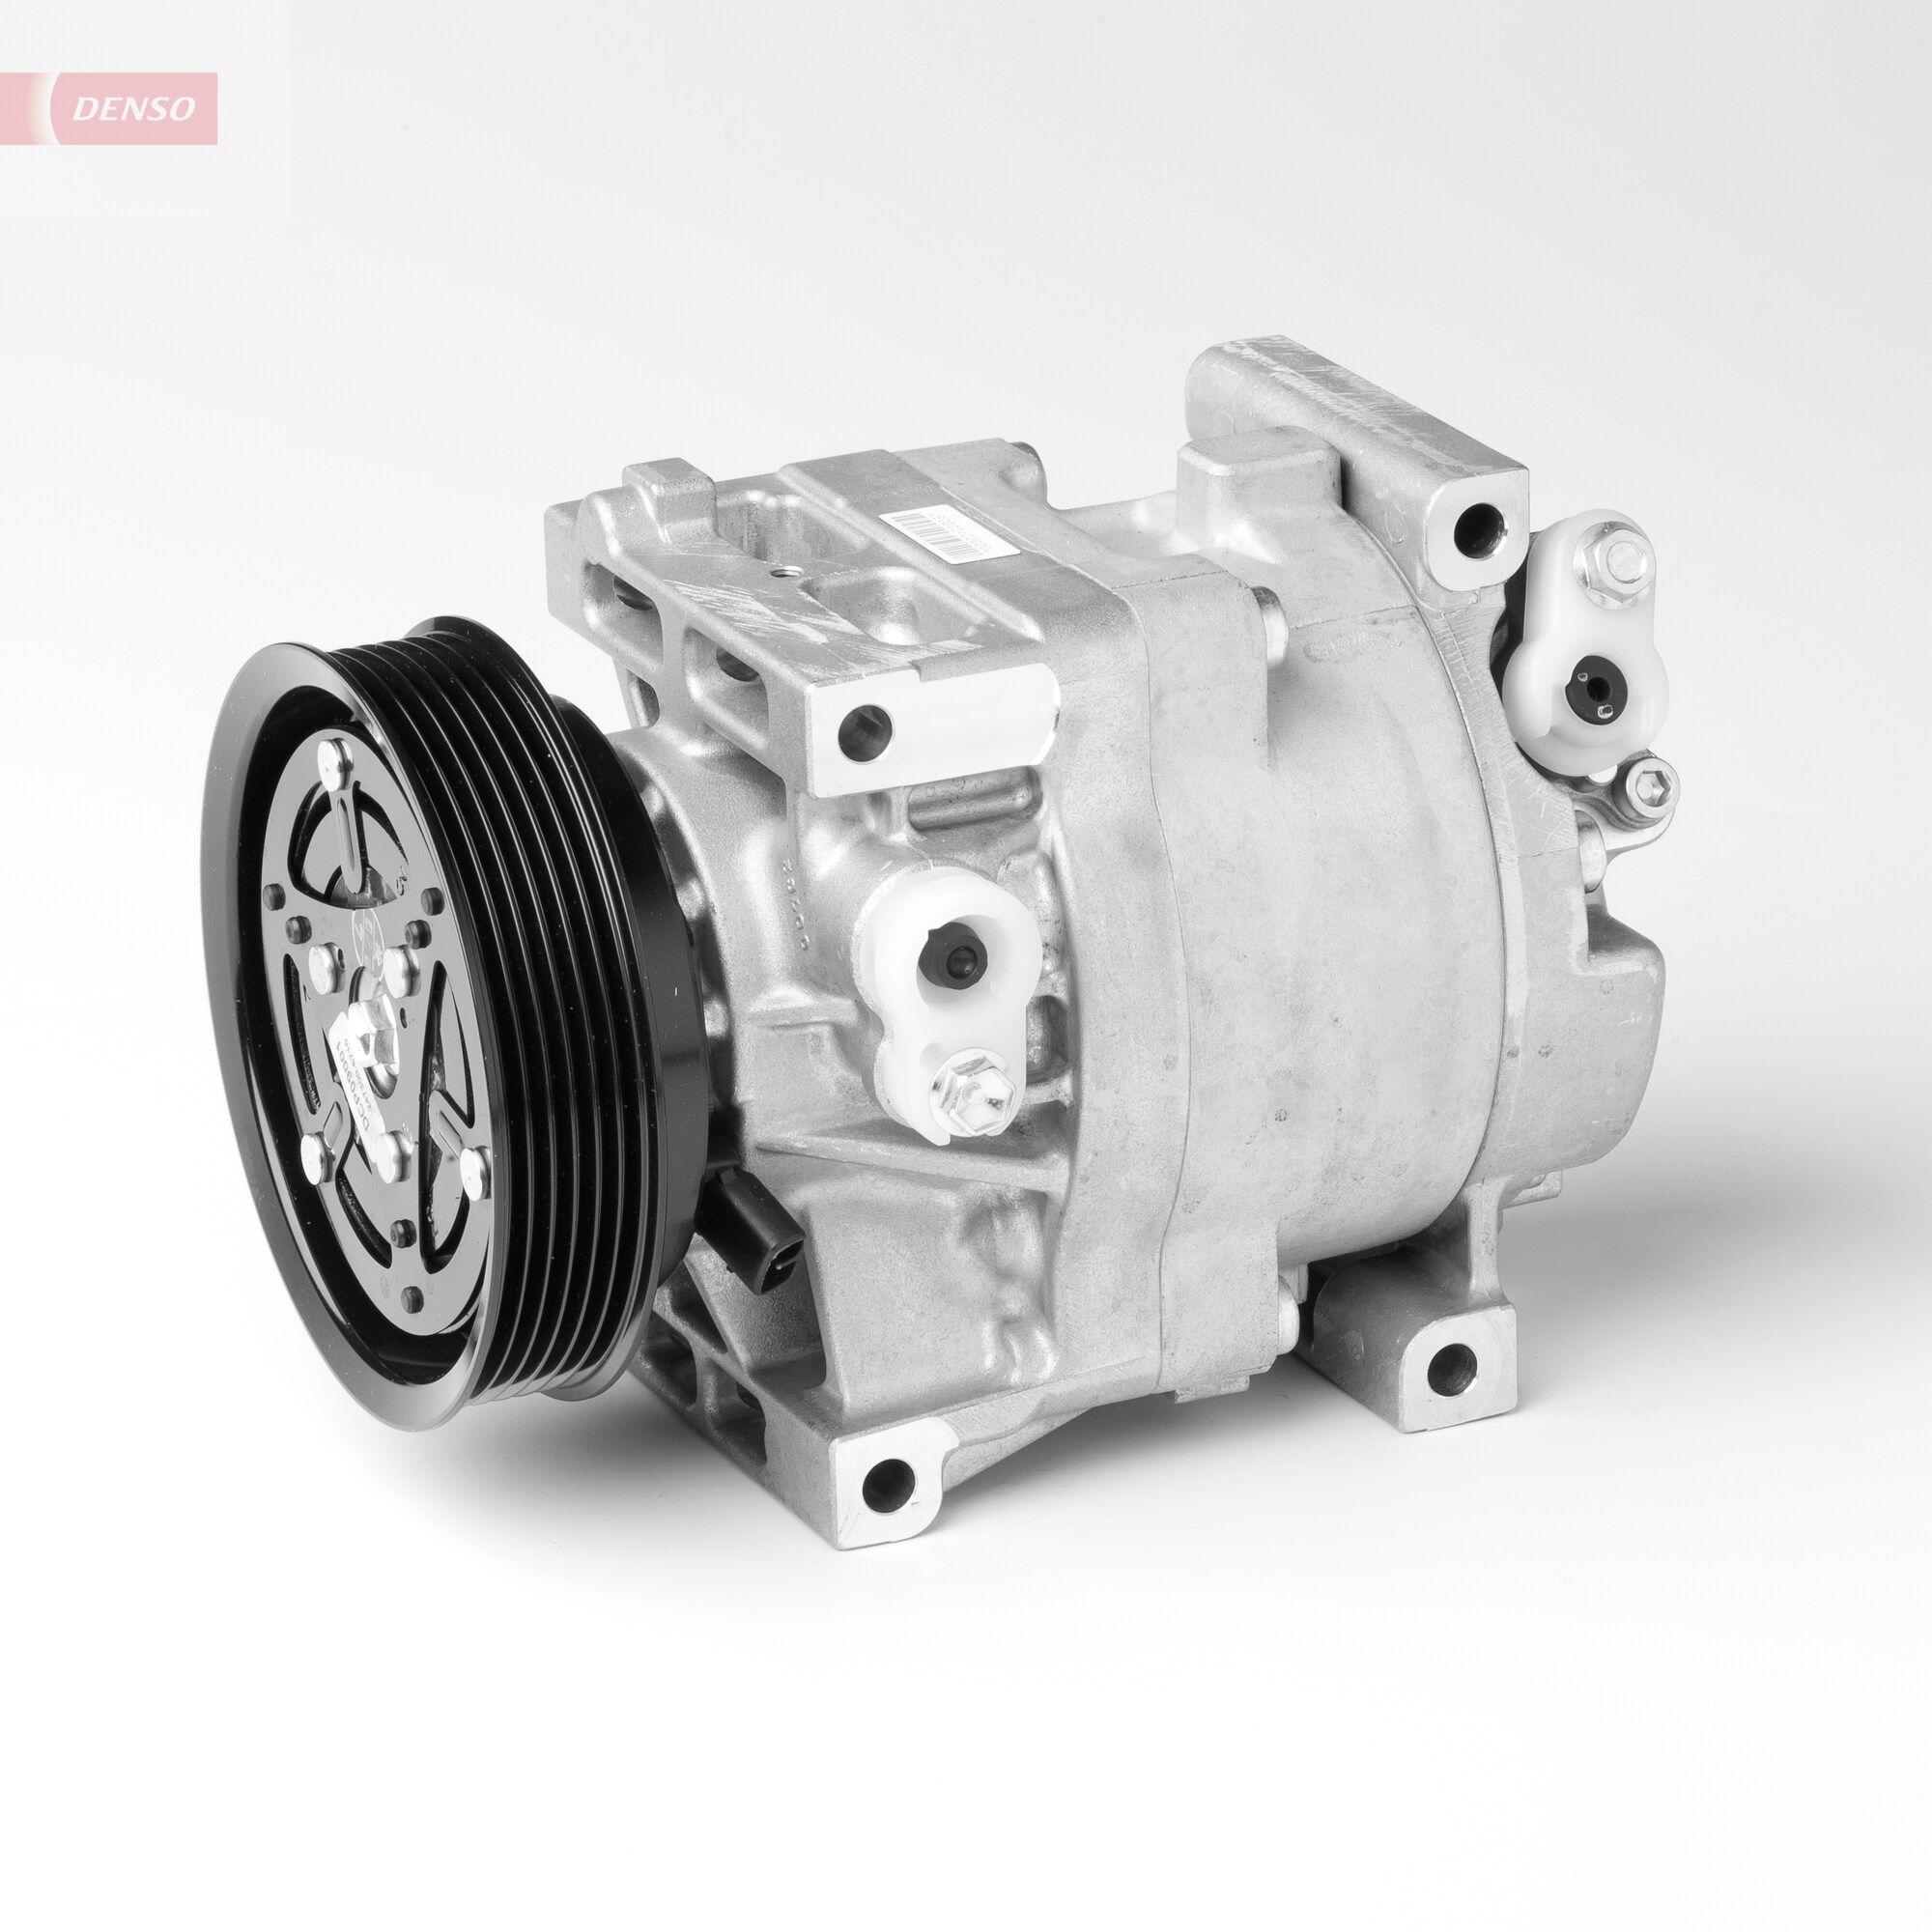 compre Compressor do ac DCP09001 a qualquer hora